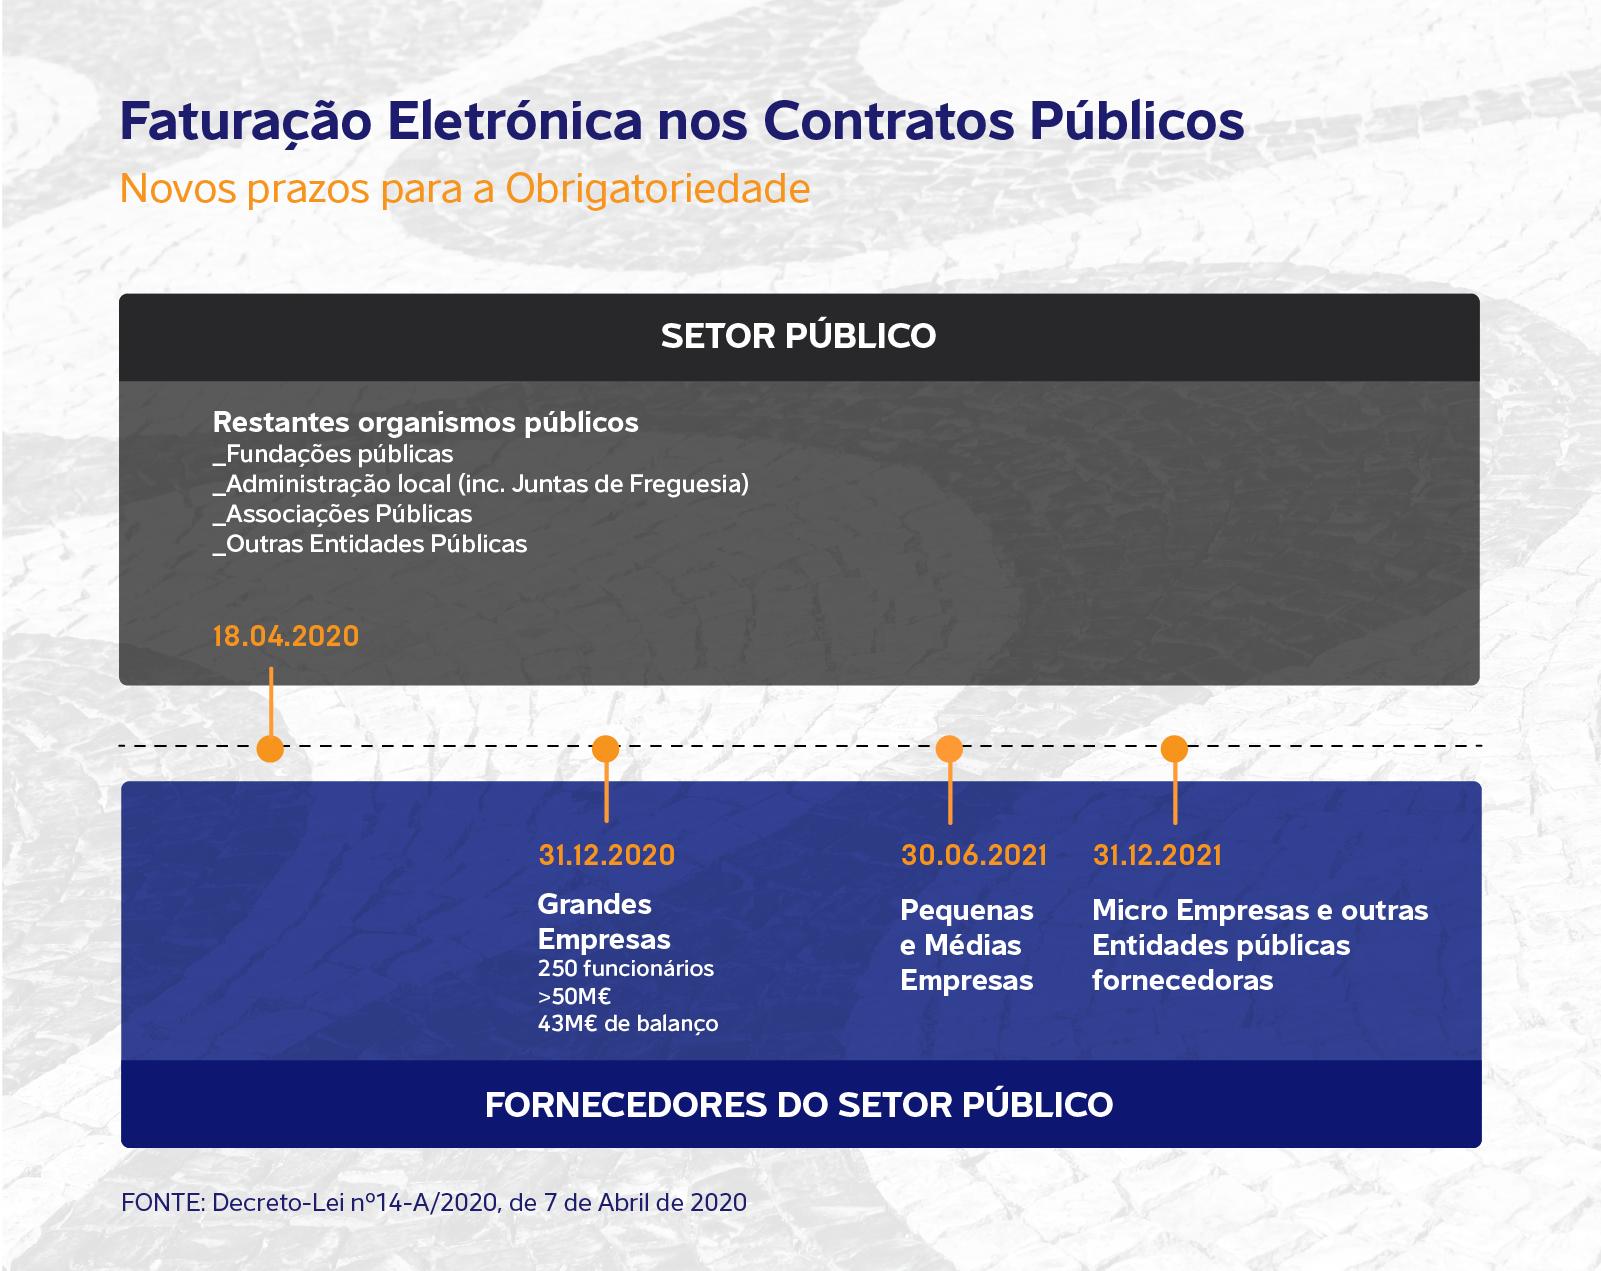 Faturação eletrónica nos Contratos Públicos